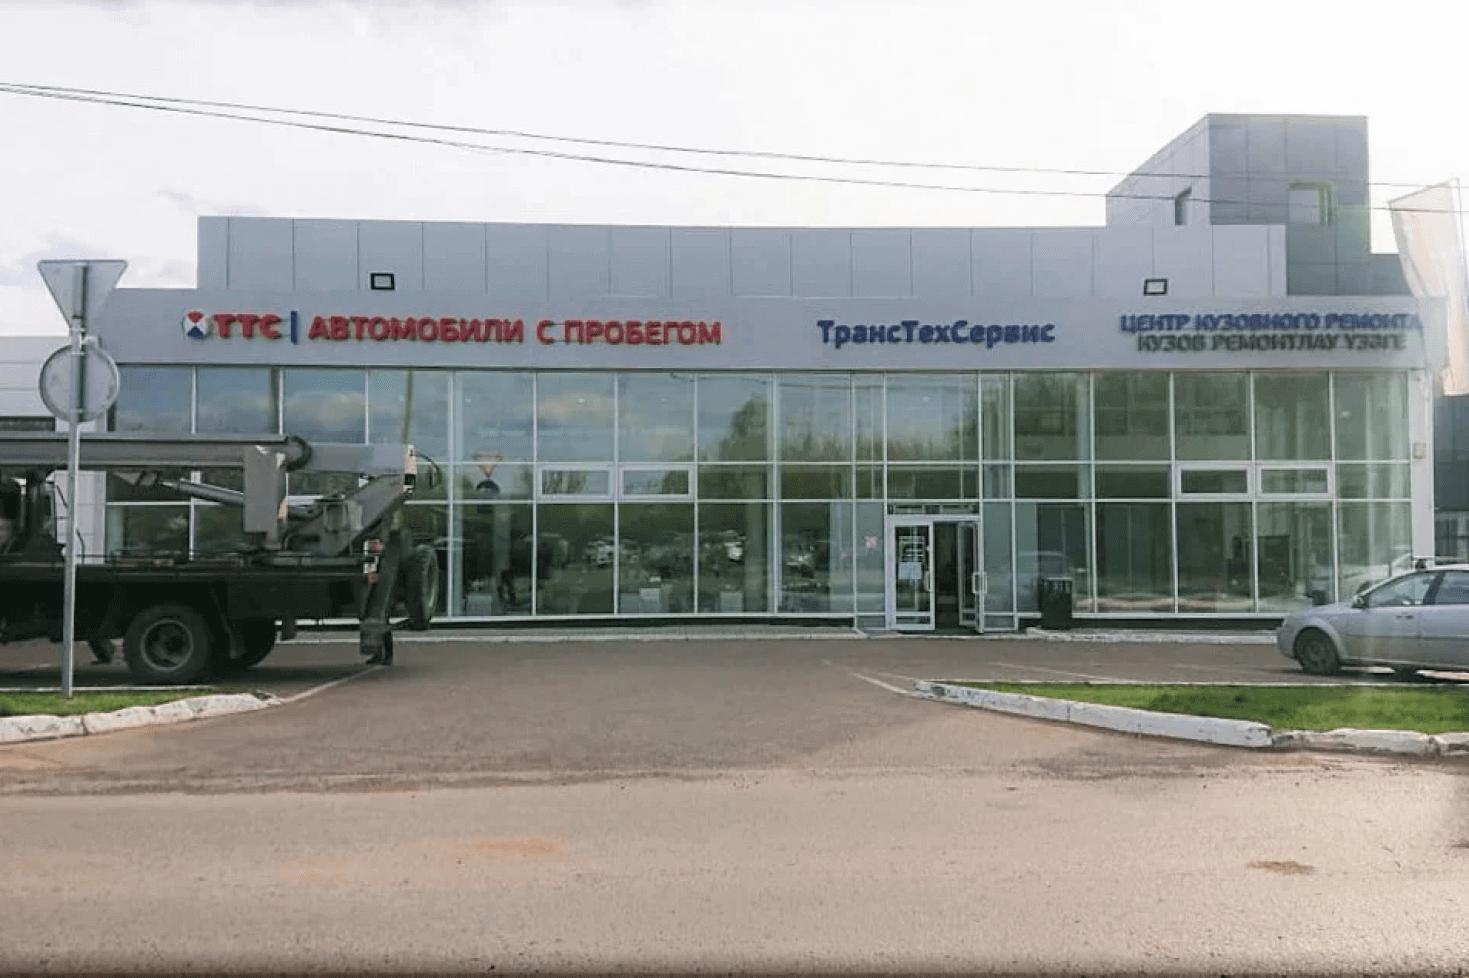 ТрансТехСервис, г.Набережные Челны